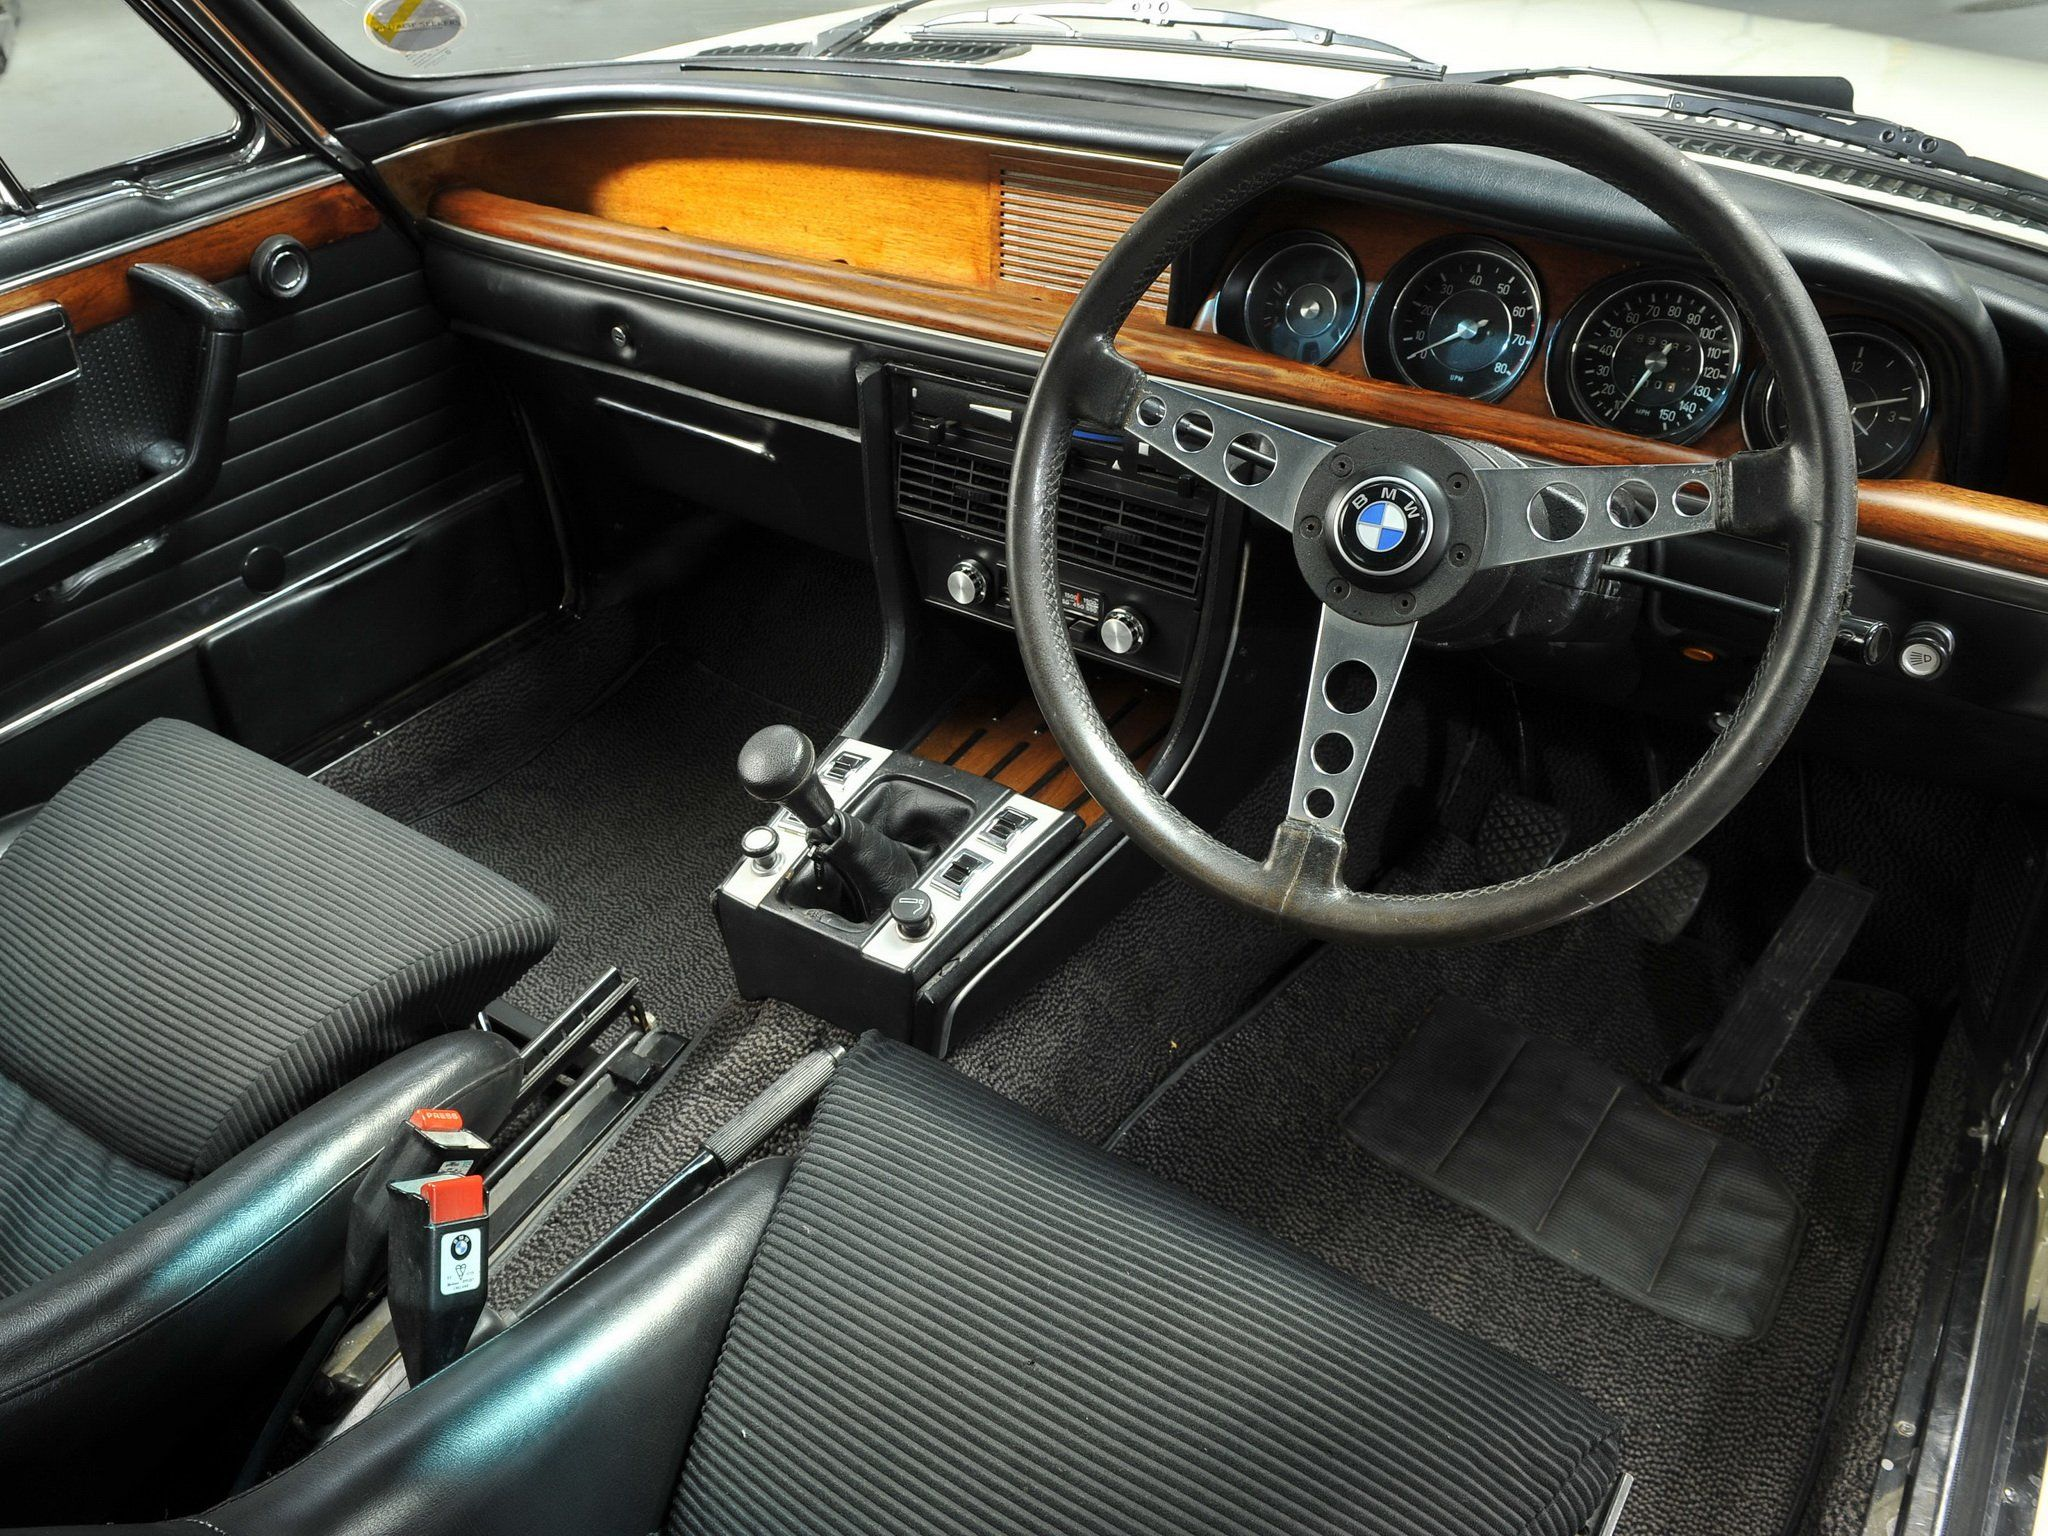 BMW CSL UKspec E Cla BMW BMW CSL - 1975 bmw 3 0 csl